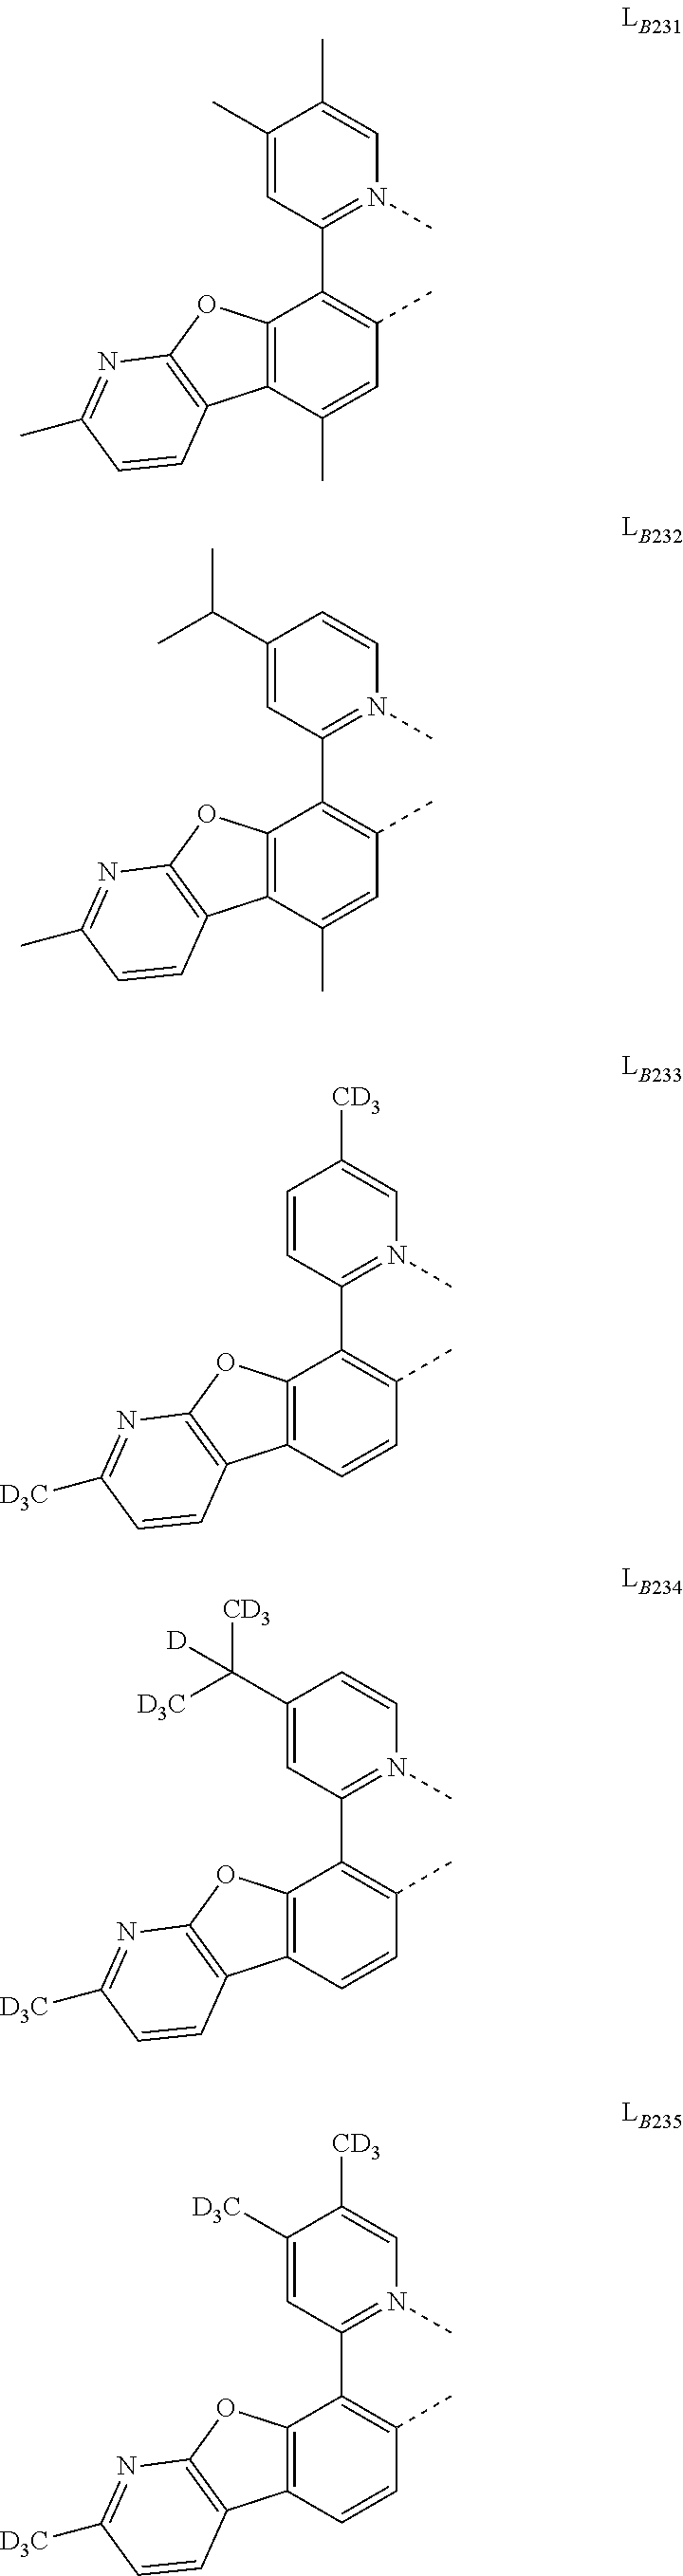 Figure US20180130962A1-20180510-C00307